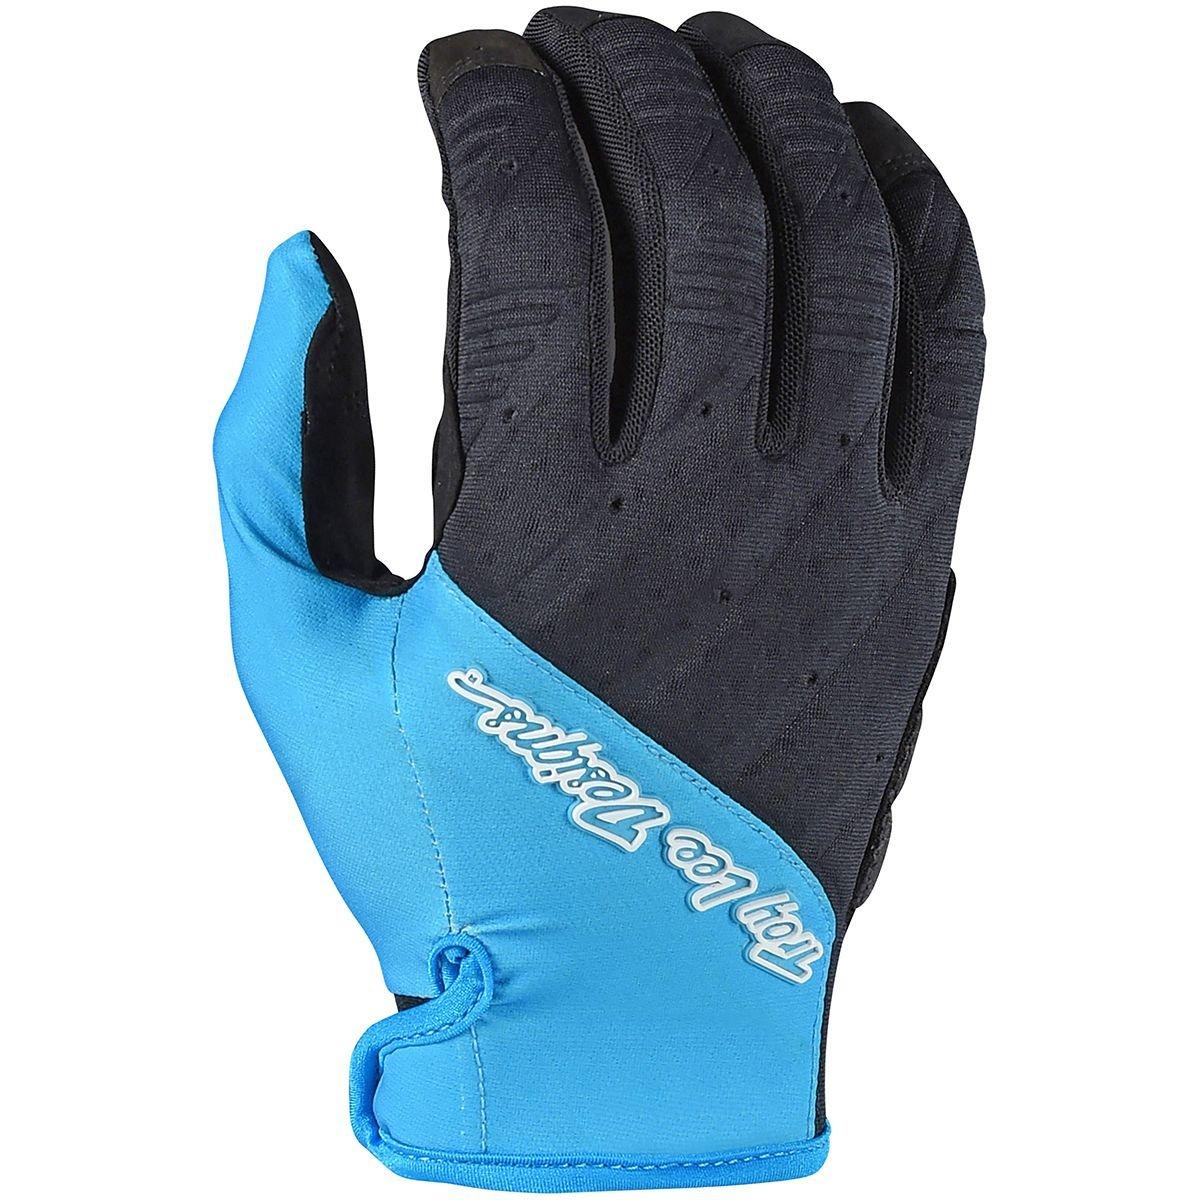 S Mens Solid Black Troy Lee Designs Ruckus Glove